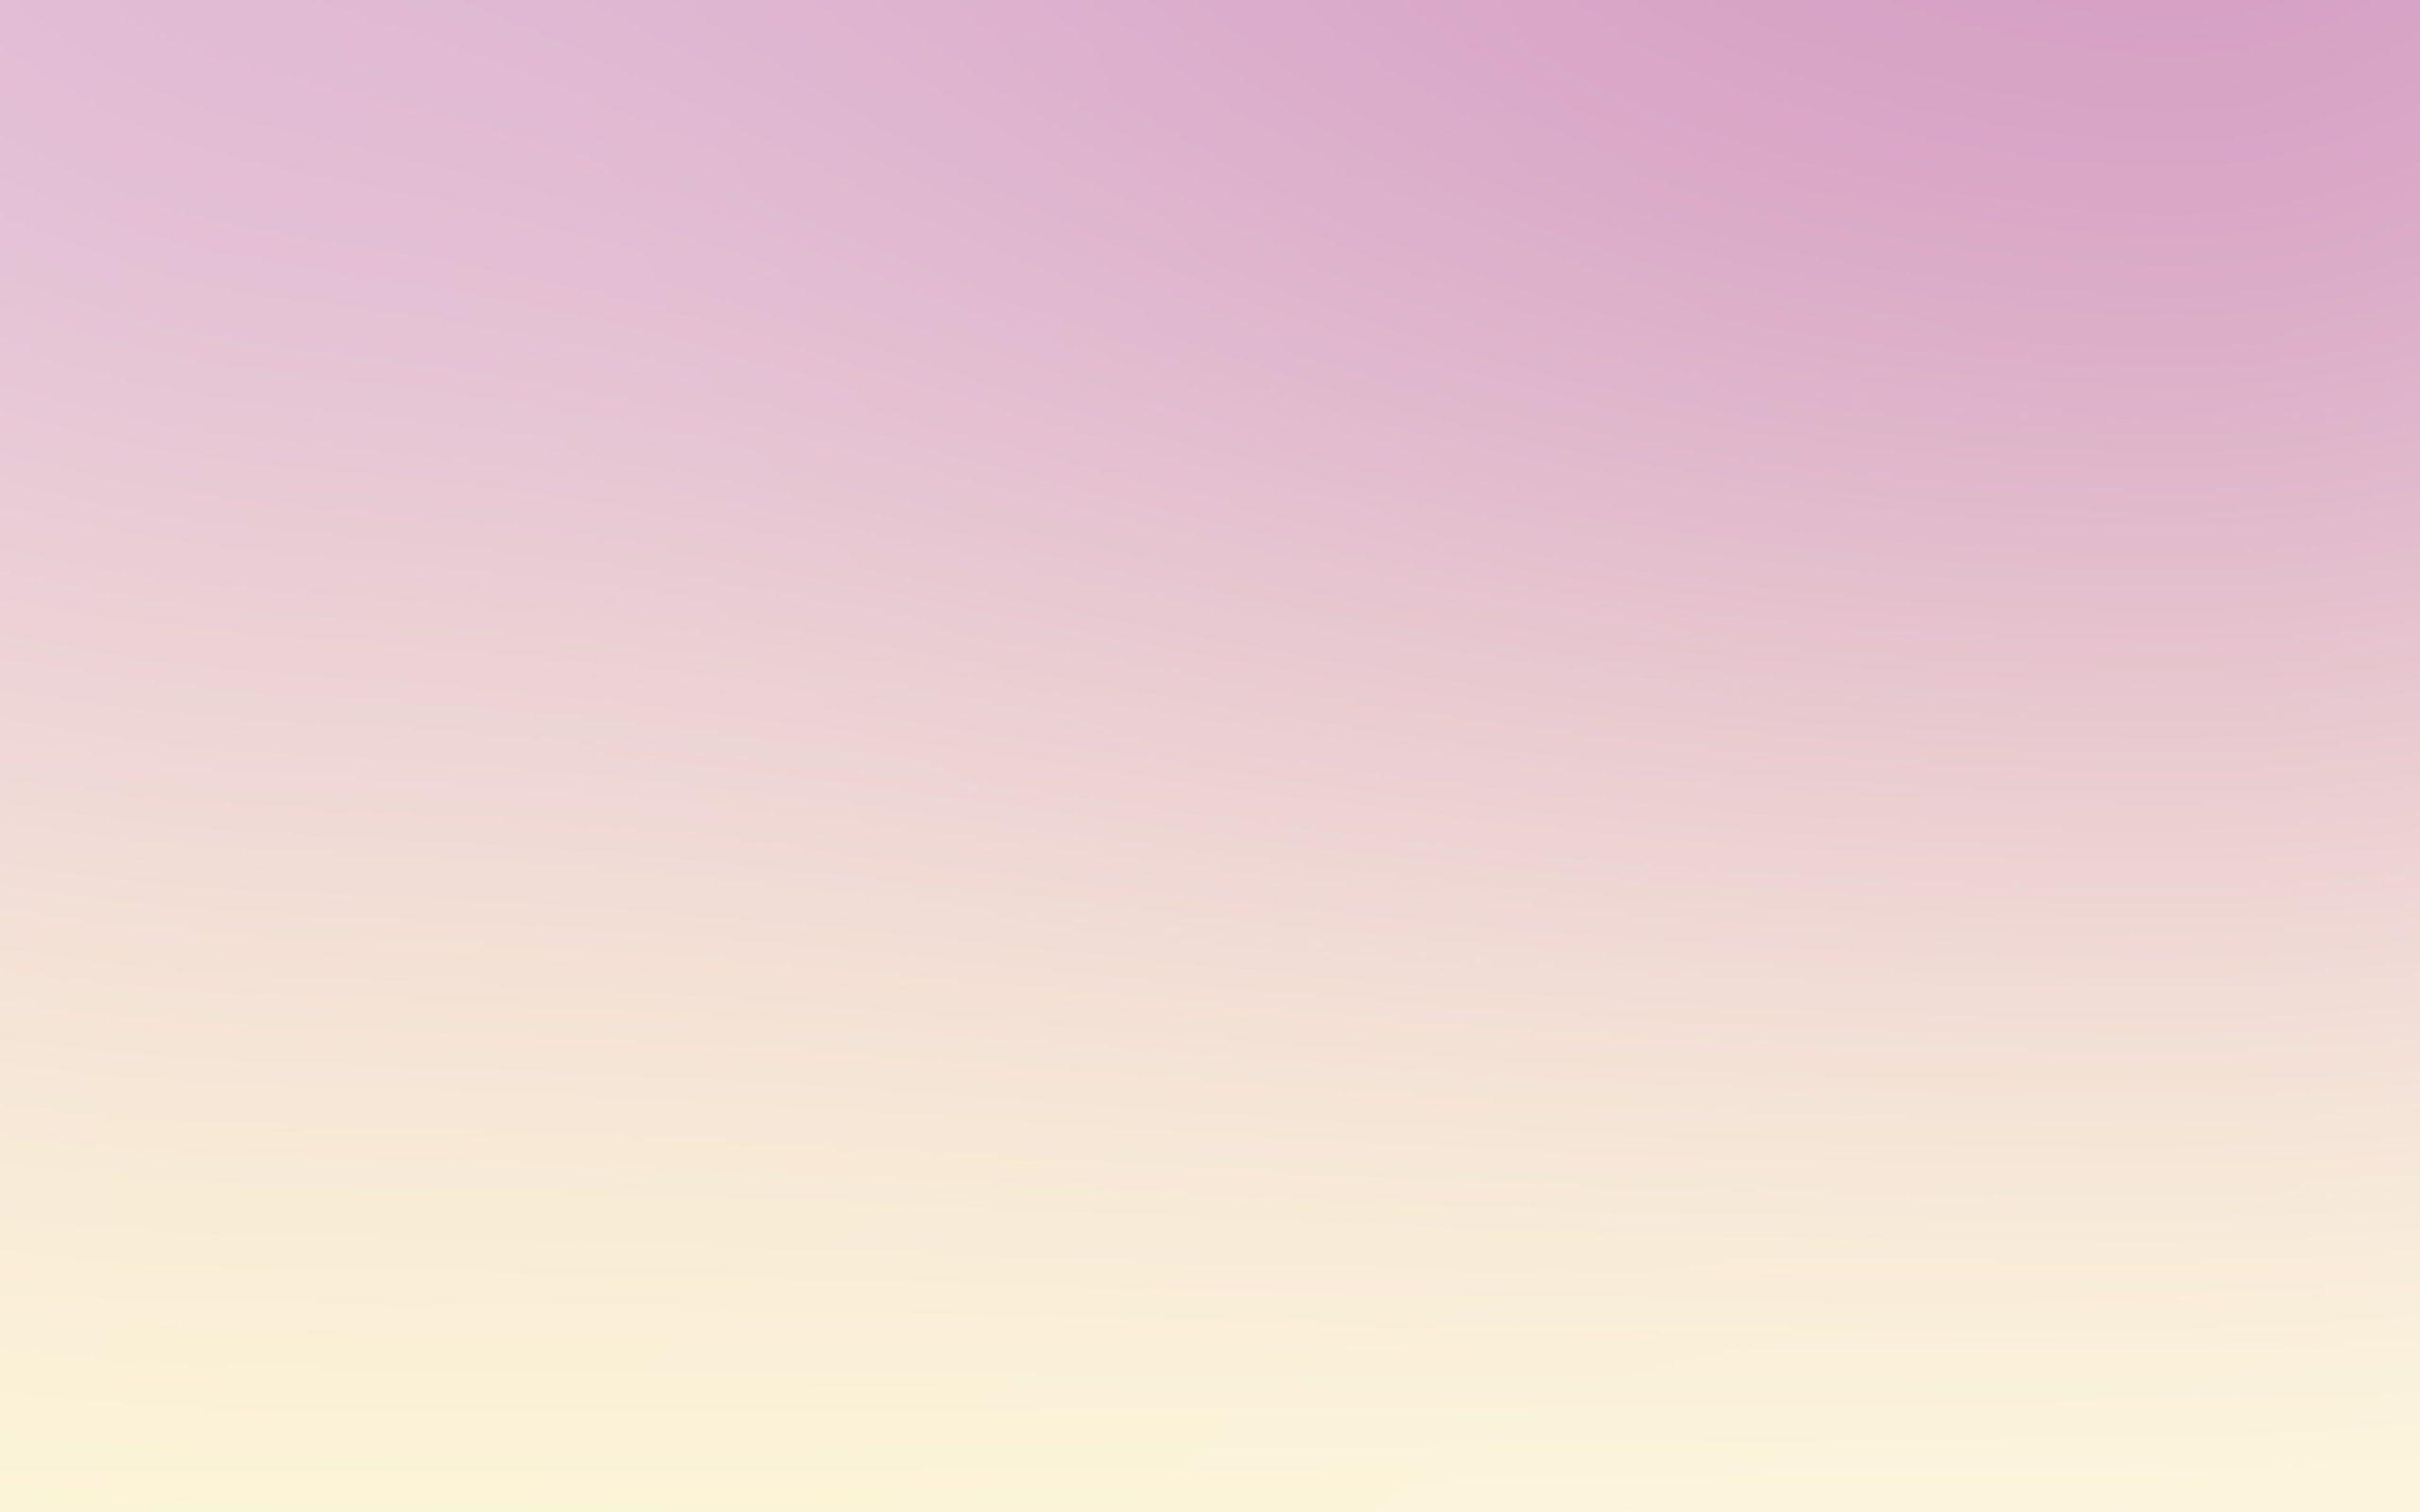 Pastel Wallpaper